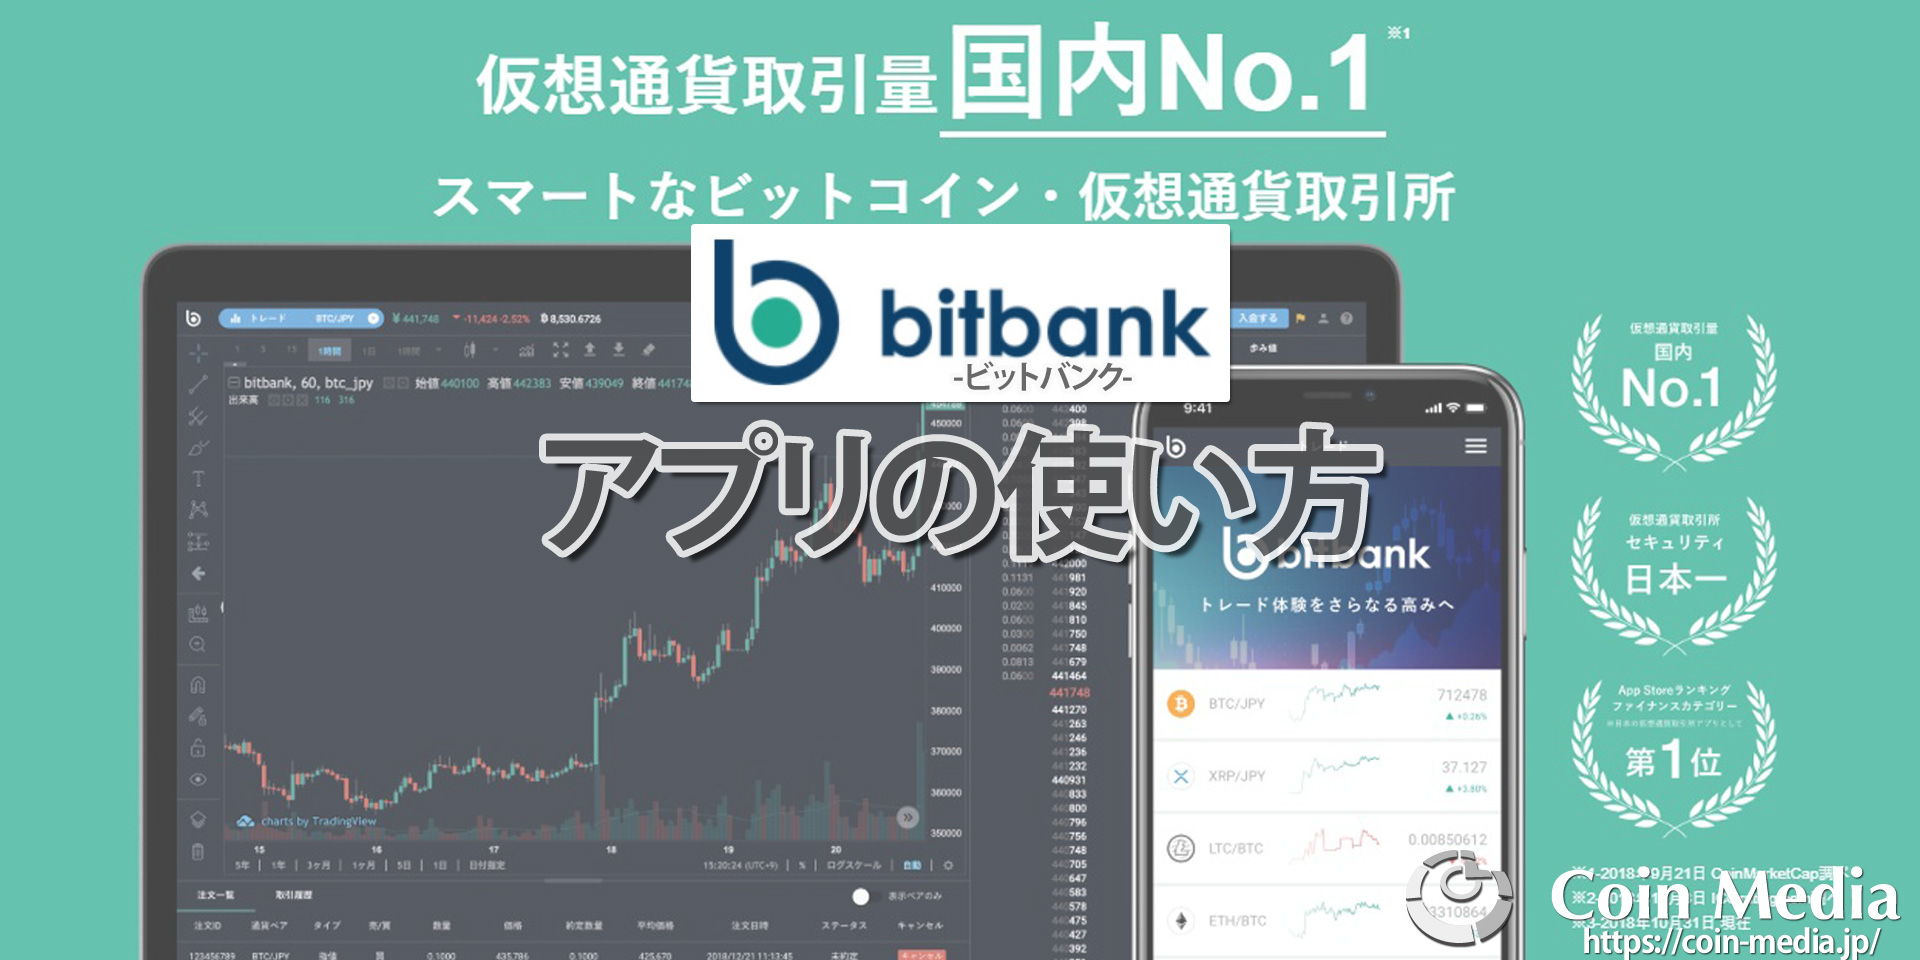 bitbank(ビットバンク)アプリの使い方